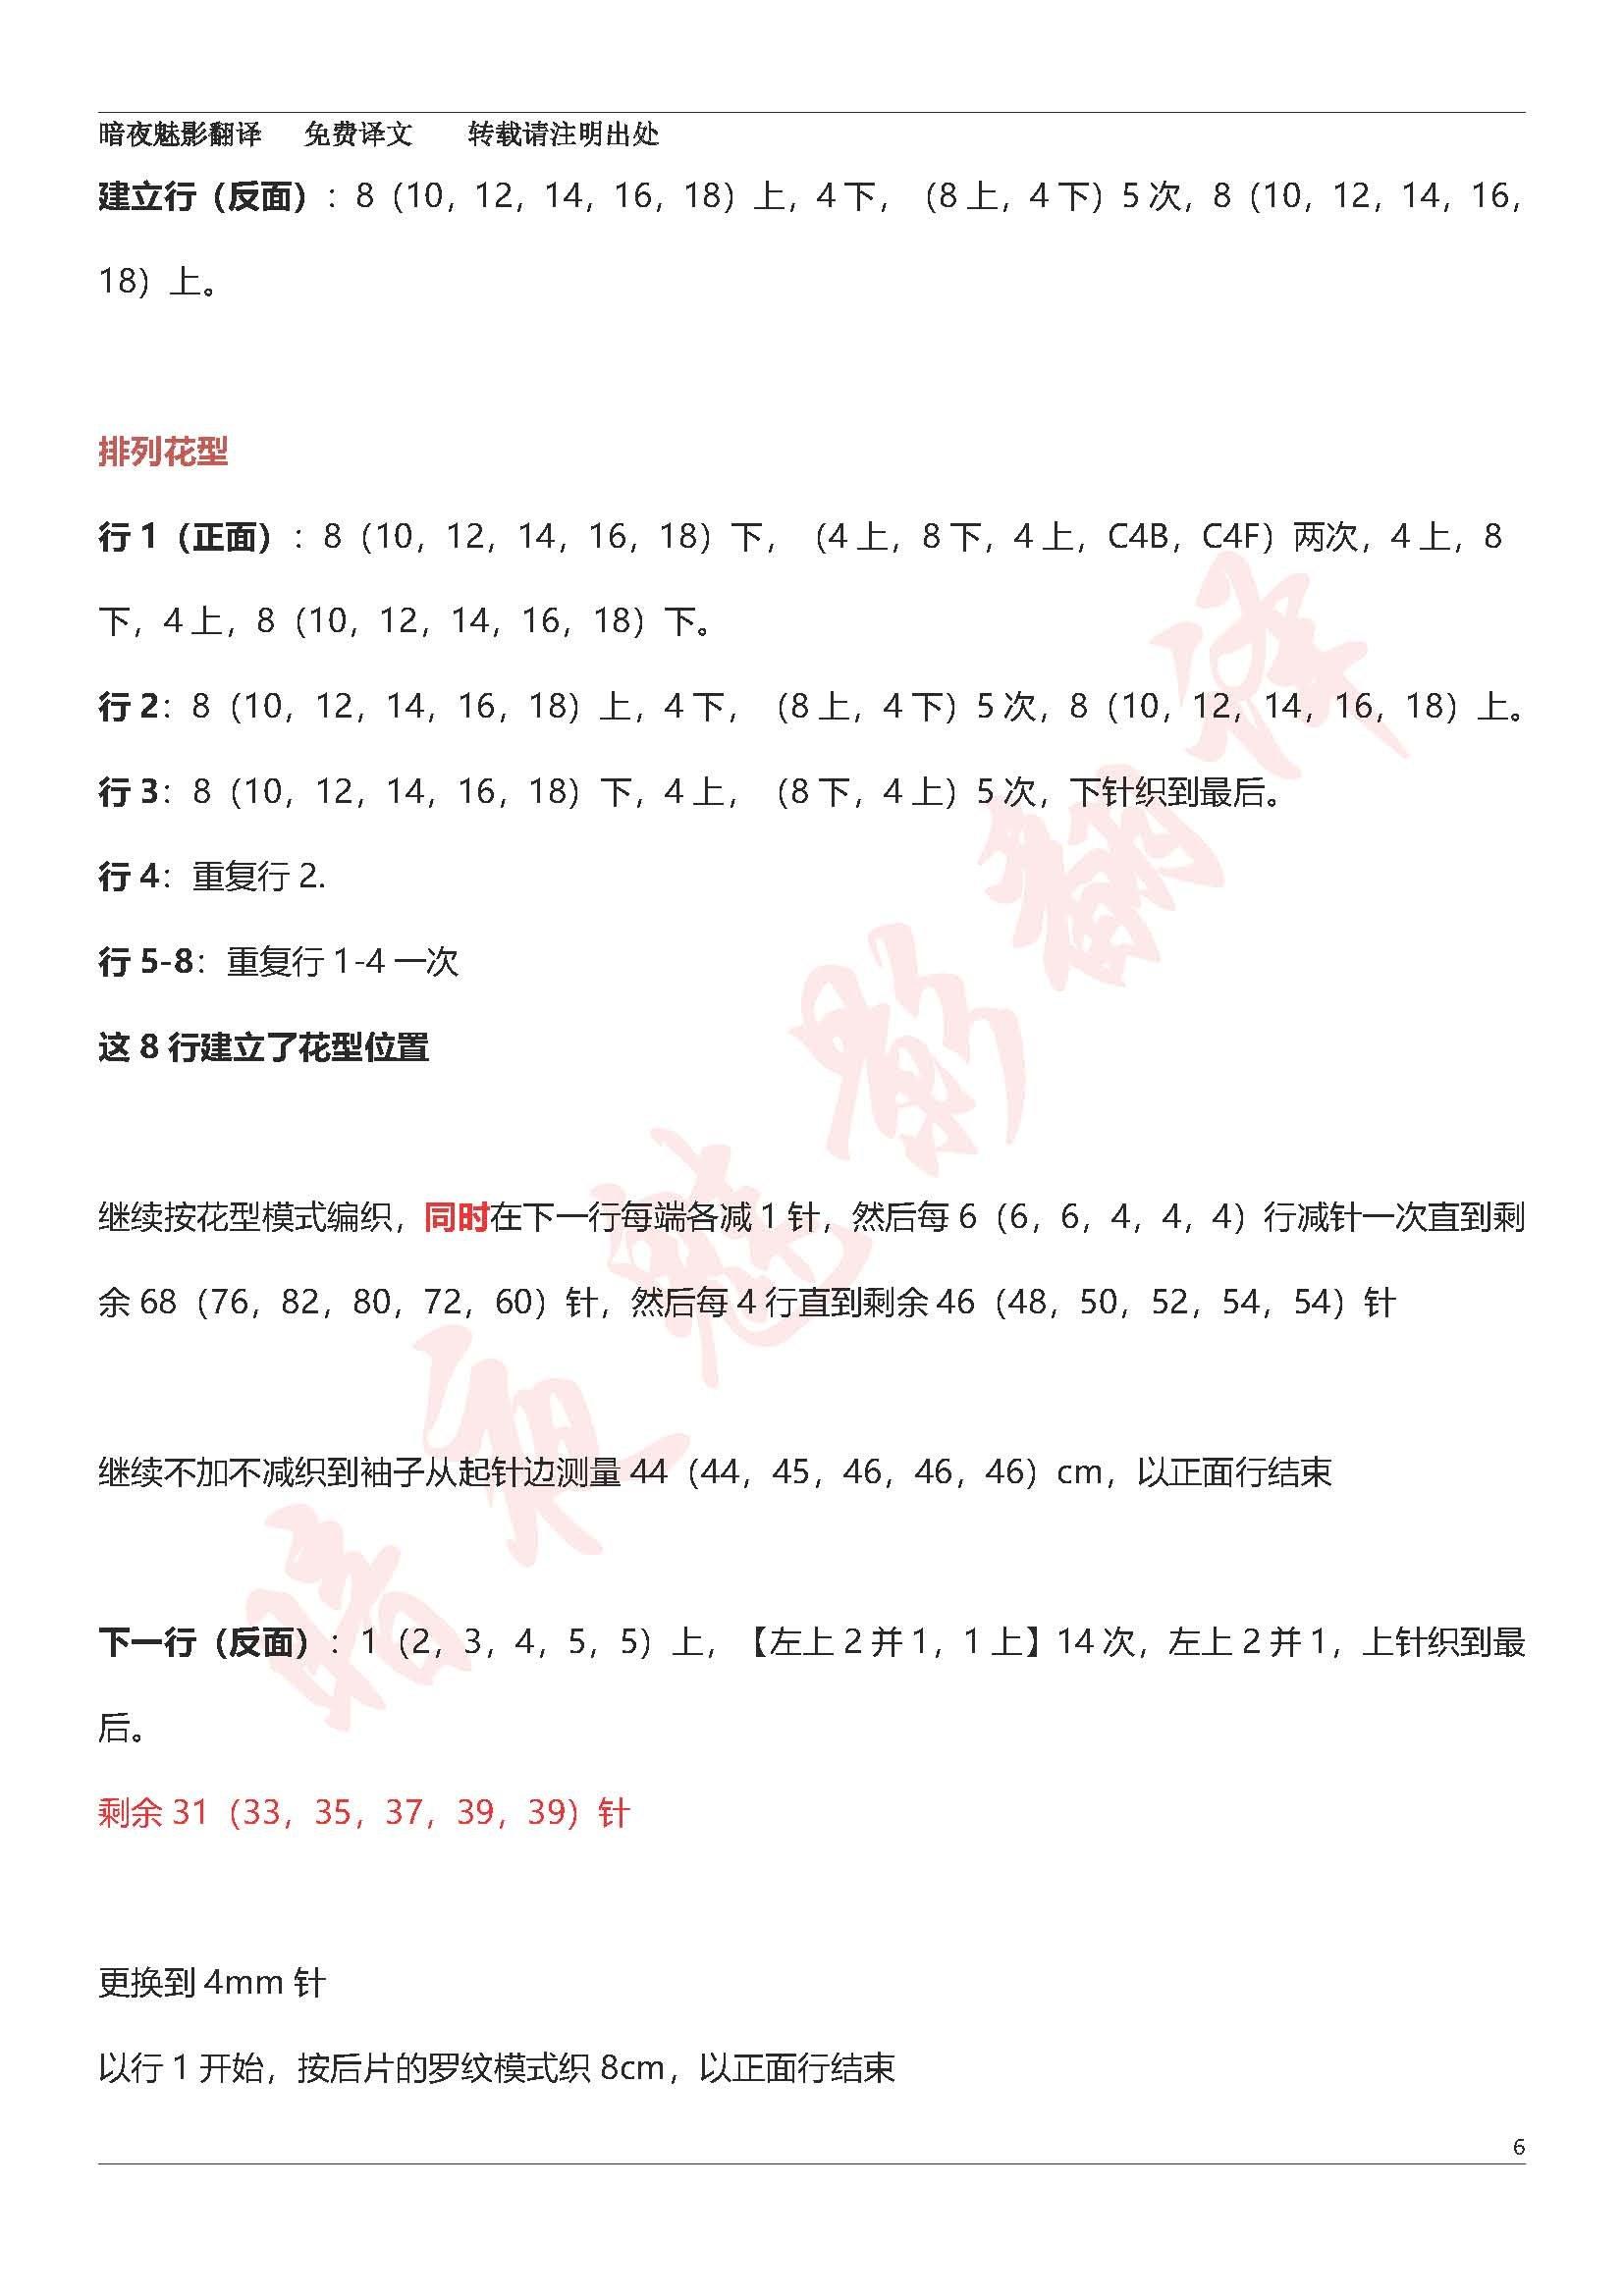 斯塔尔图解_页面_6.jpg